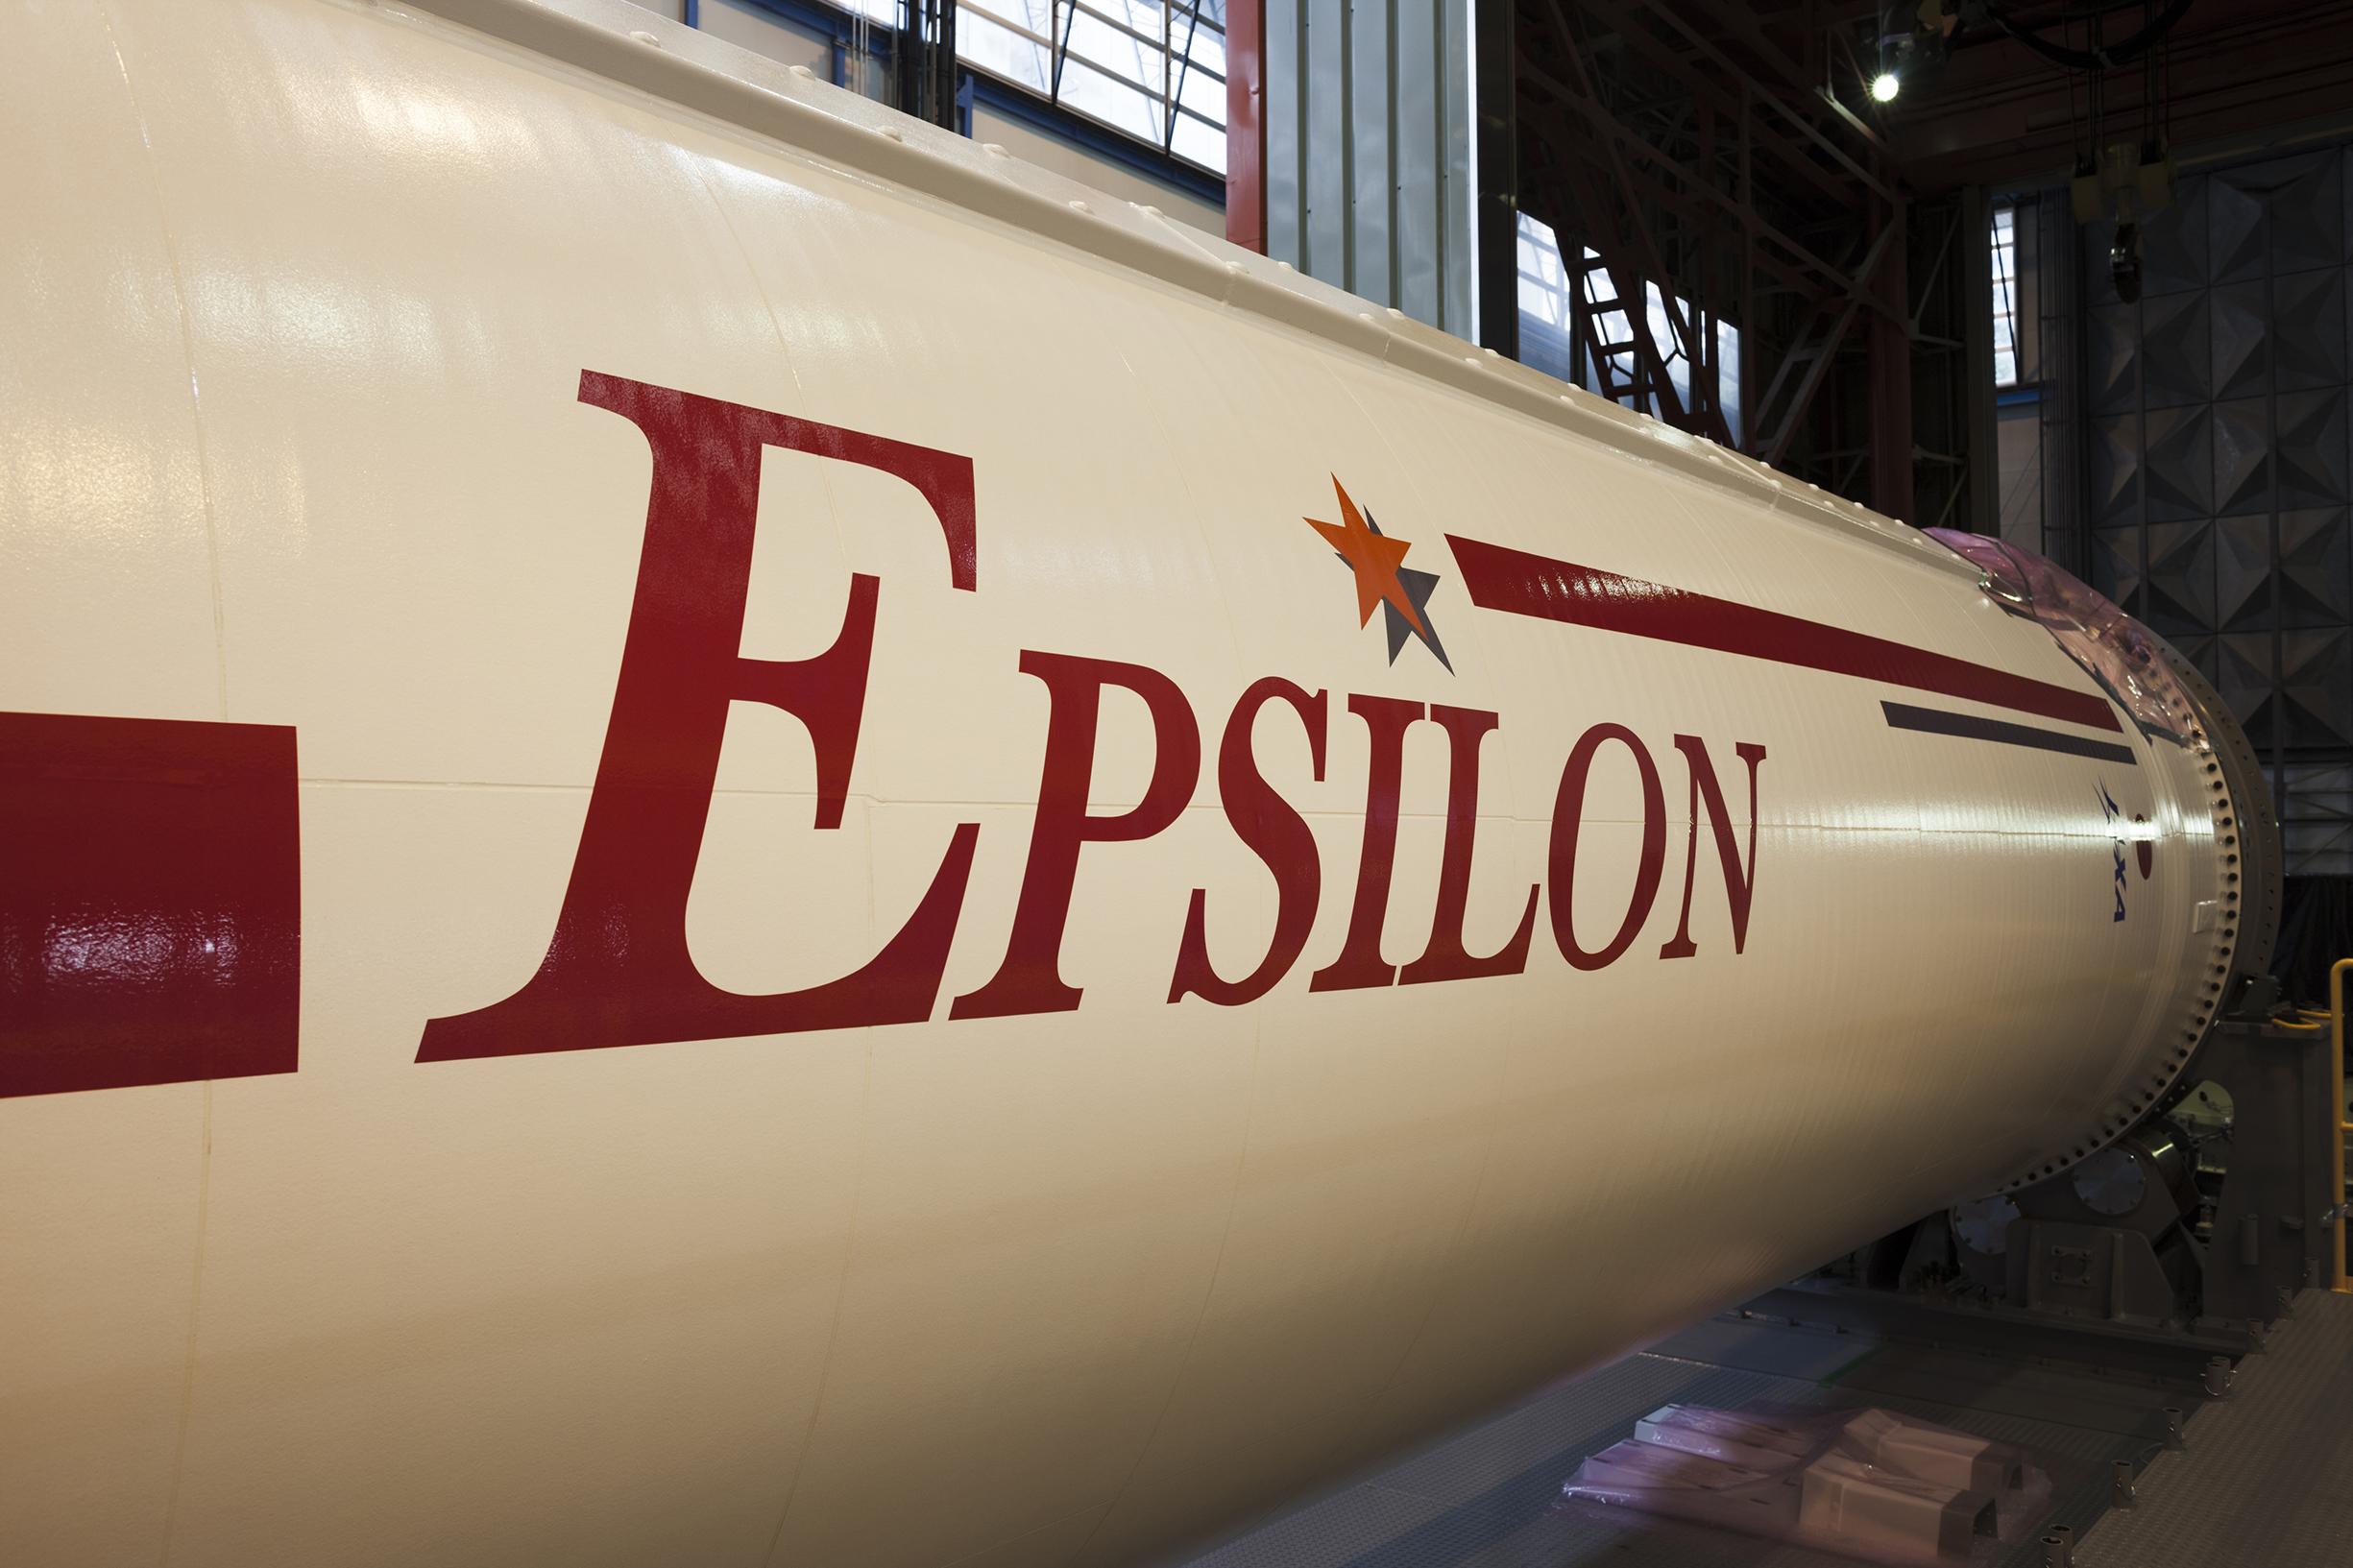 Japan's Epsilon Rocket Up Close